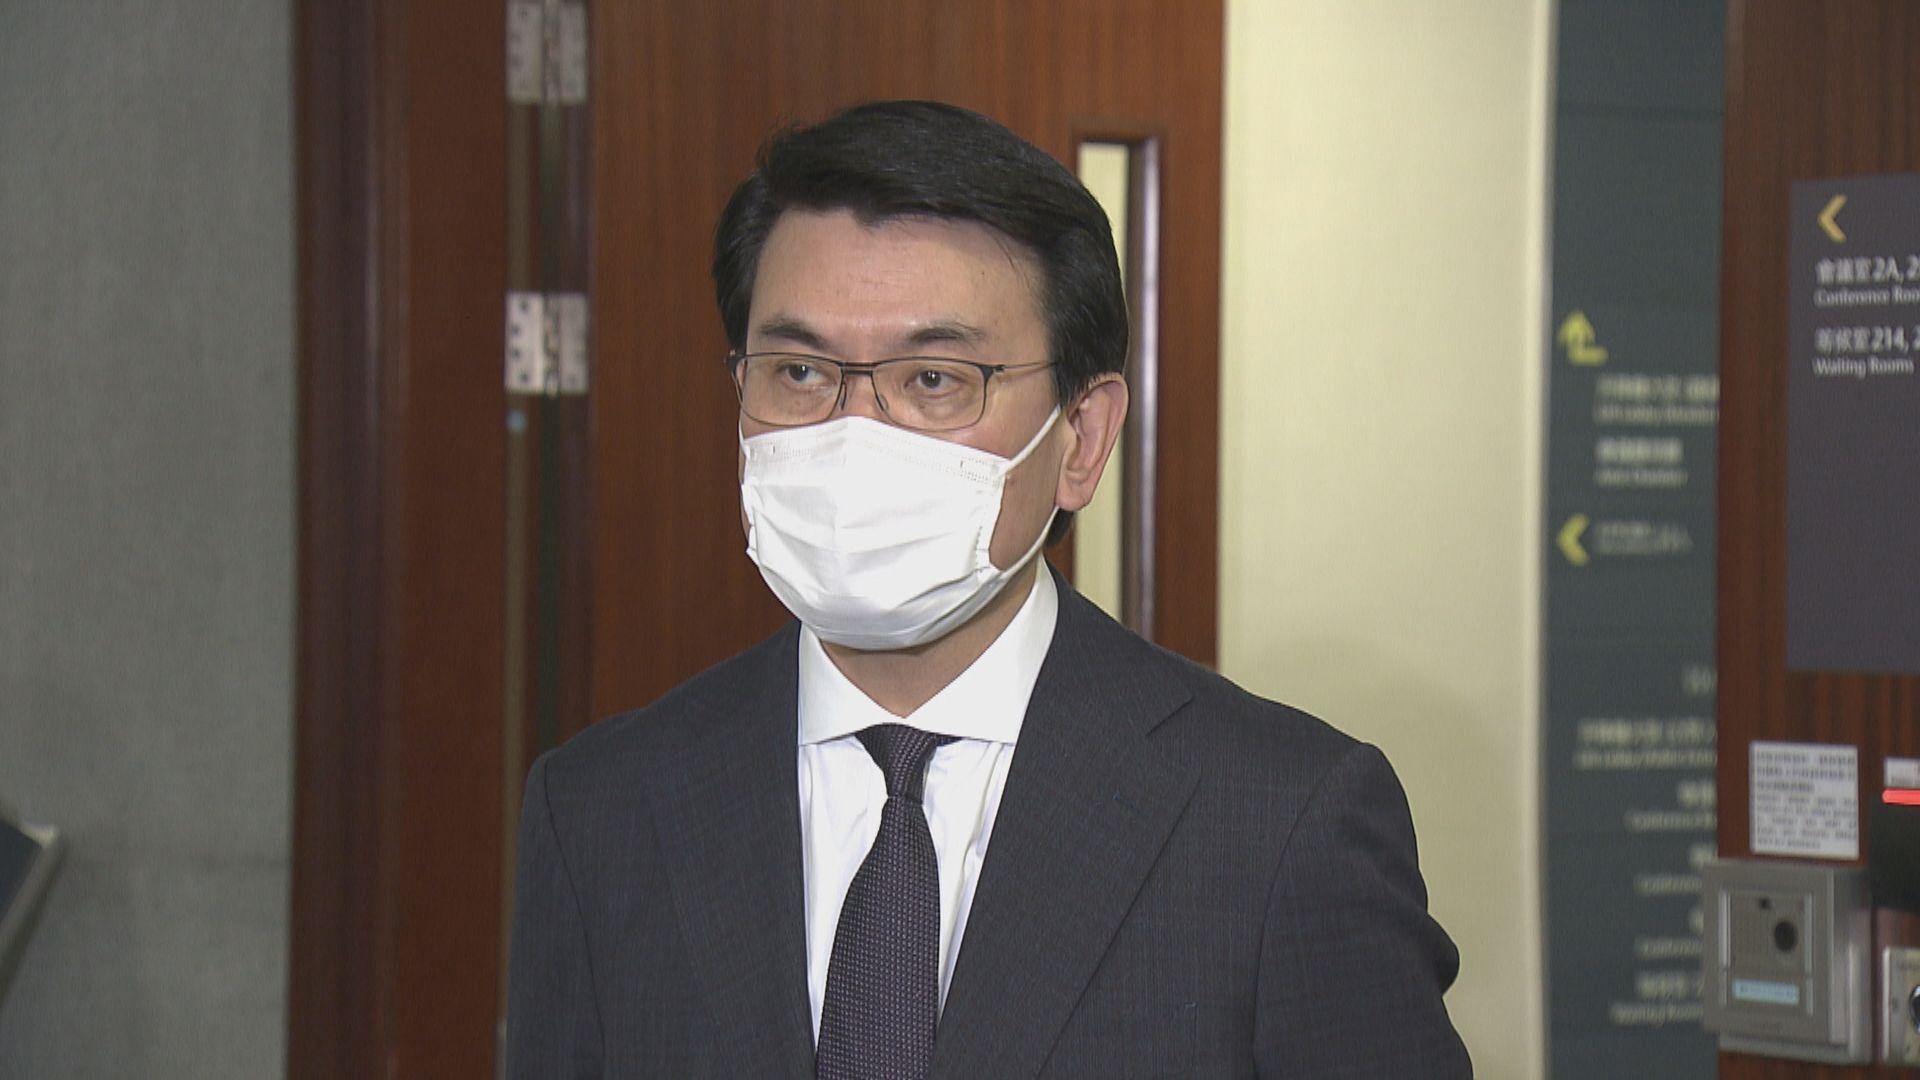 邱騰華:將與旅遊業界商討津貼計劃申請資格